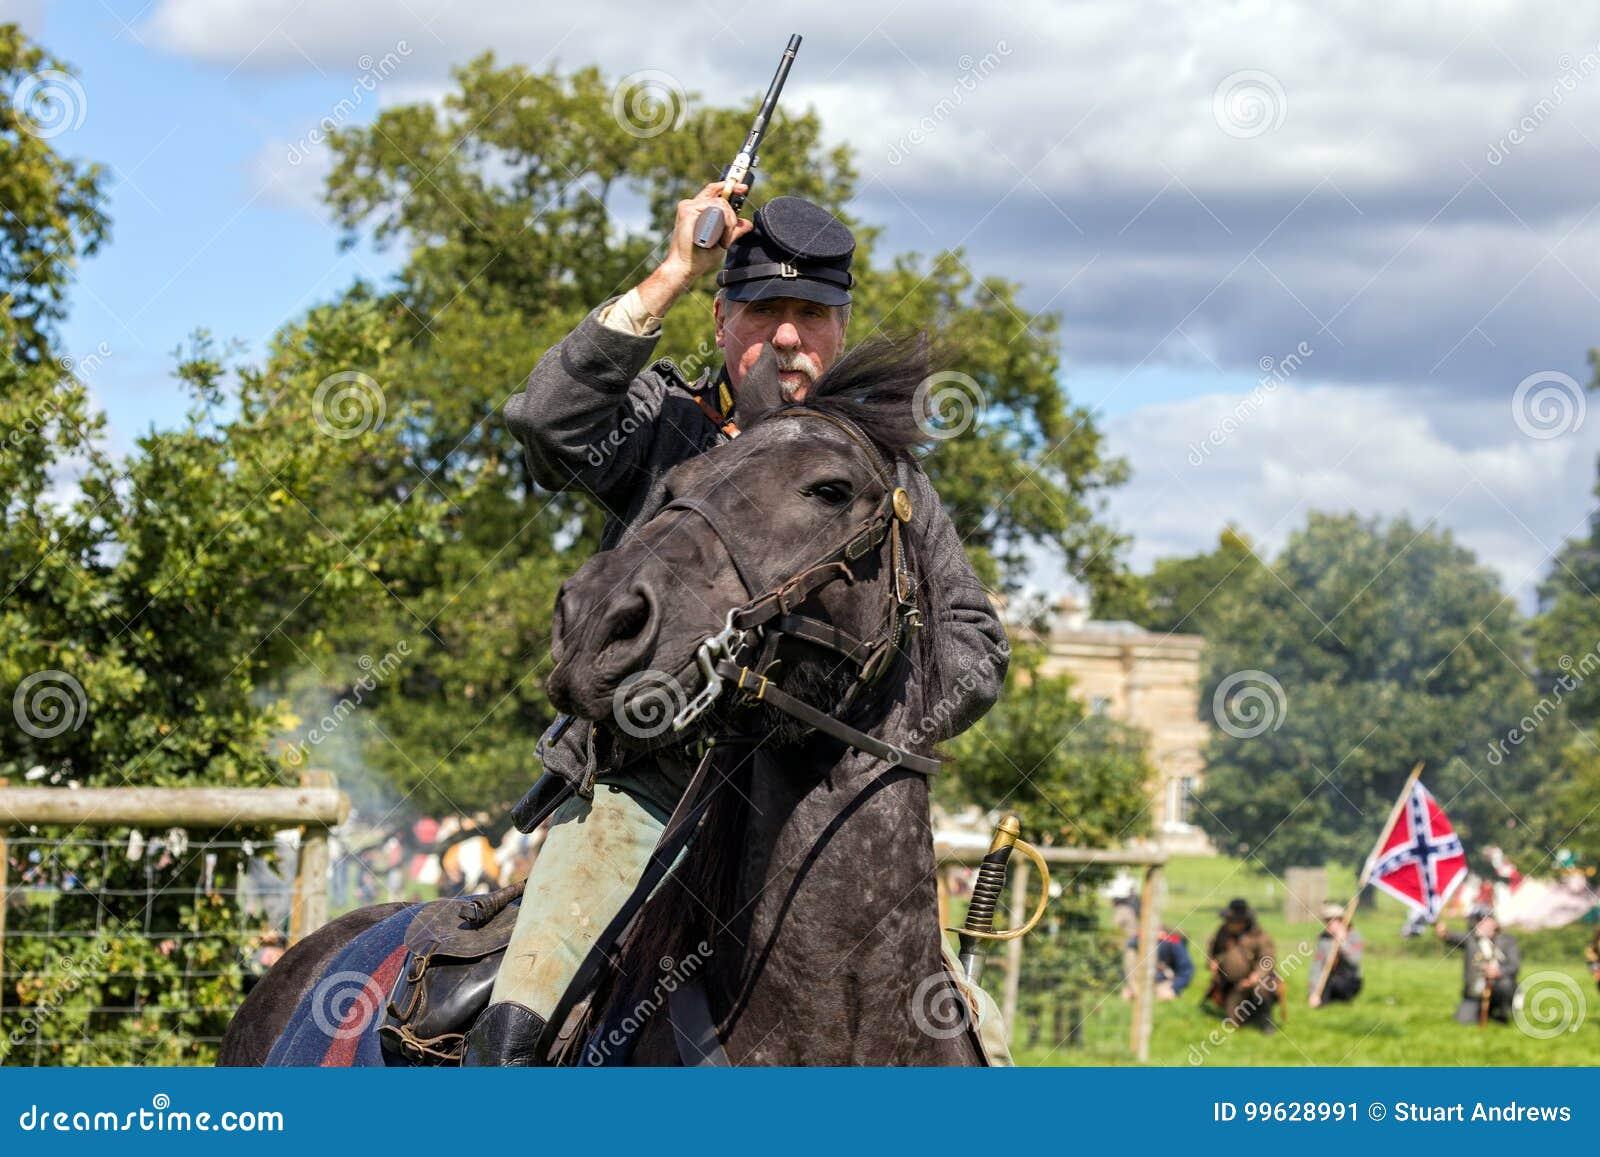 Cavalier confédéré de la guerre civile américaine